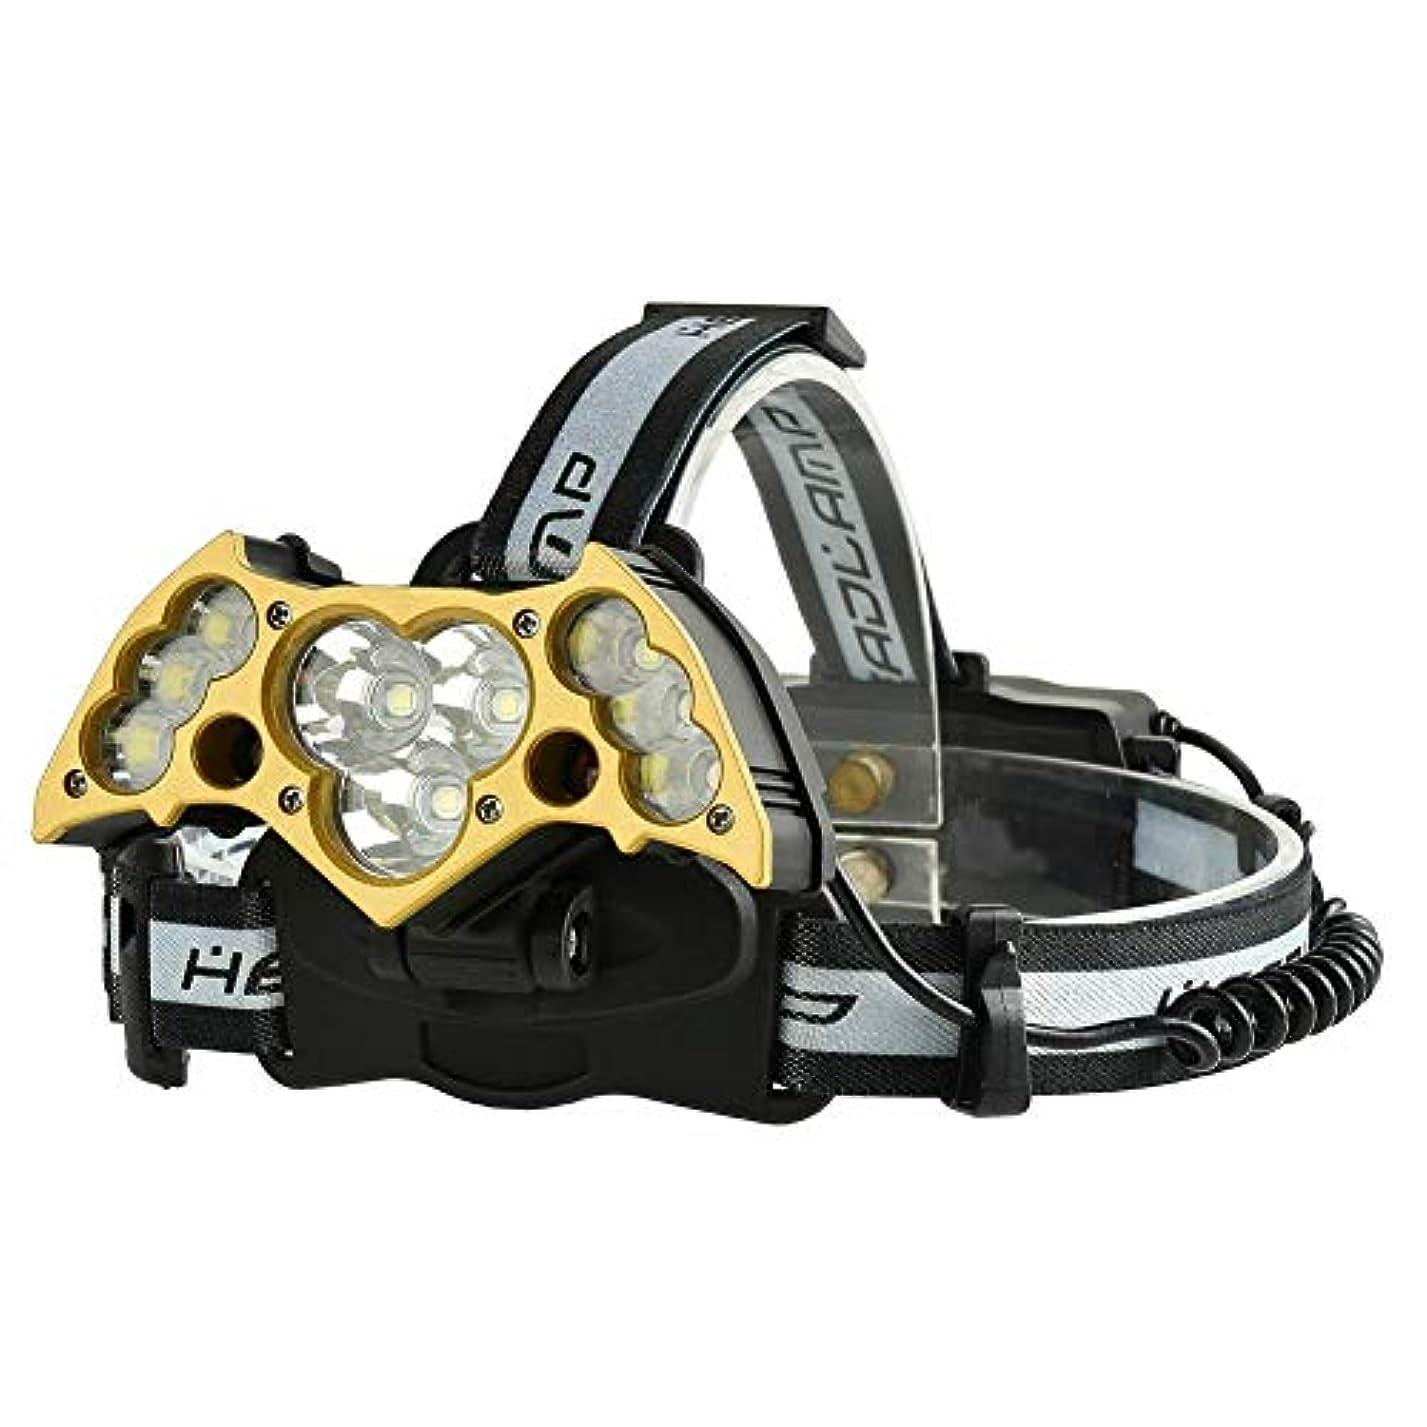 出来事路面電車控えるk-outdoor ヘッドライト LED光源 探査ランプ 防水 ヘッドランプ USB充電式 登山/キャンプ/夜釣り/作業